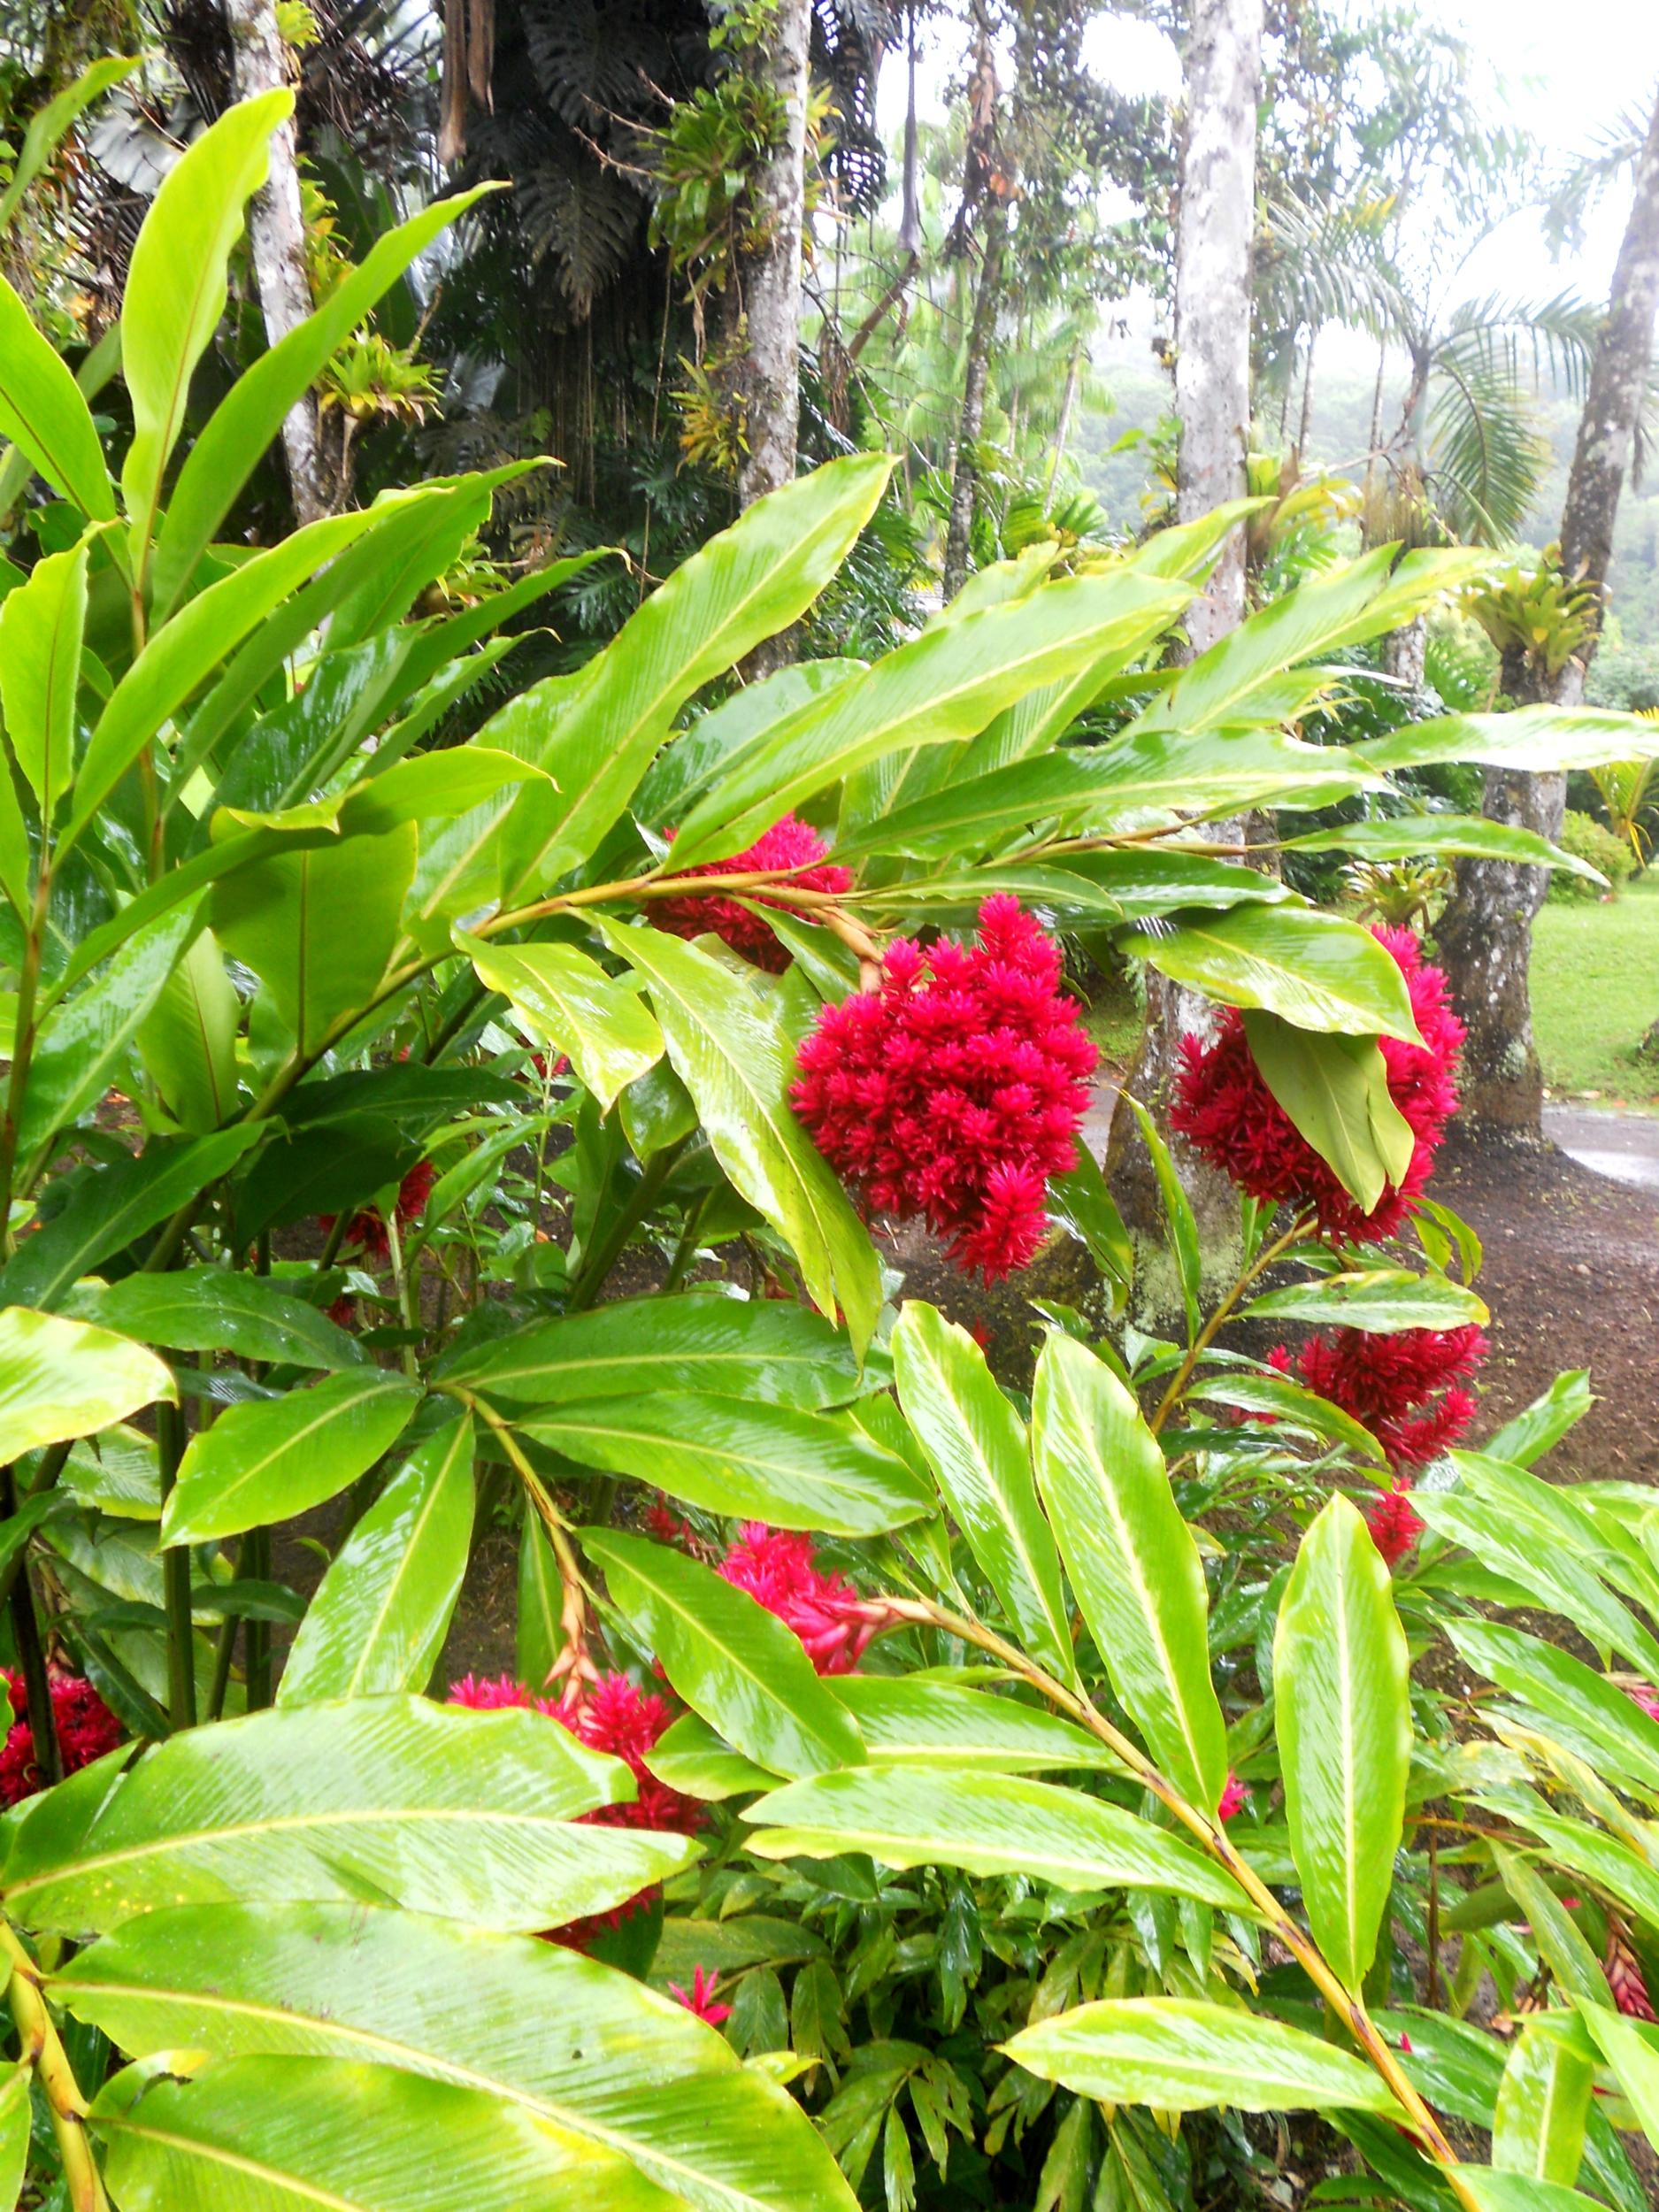 affiche photographie à encadrer nature fleurs exotique framboise